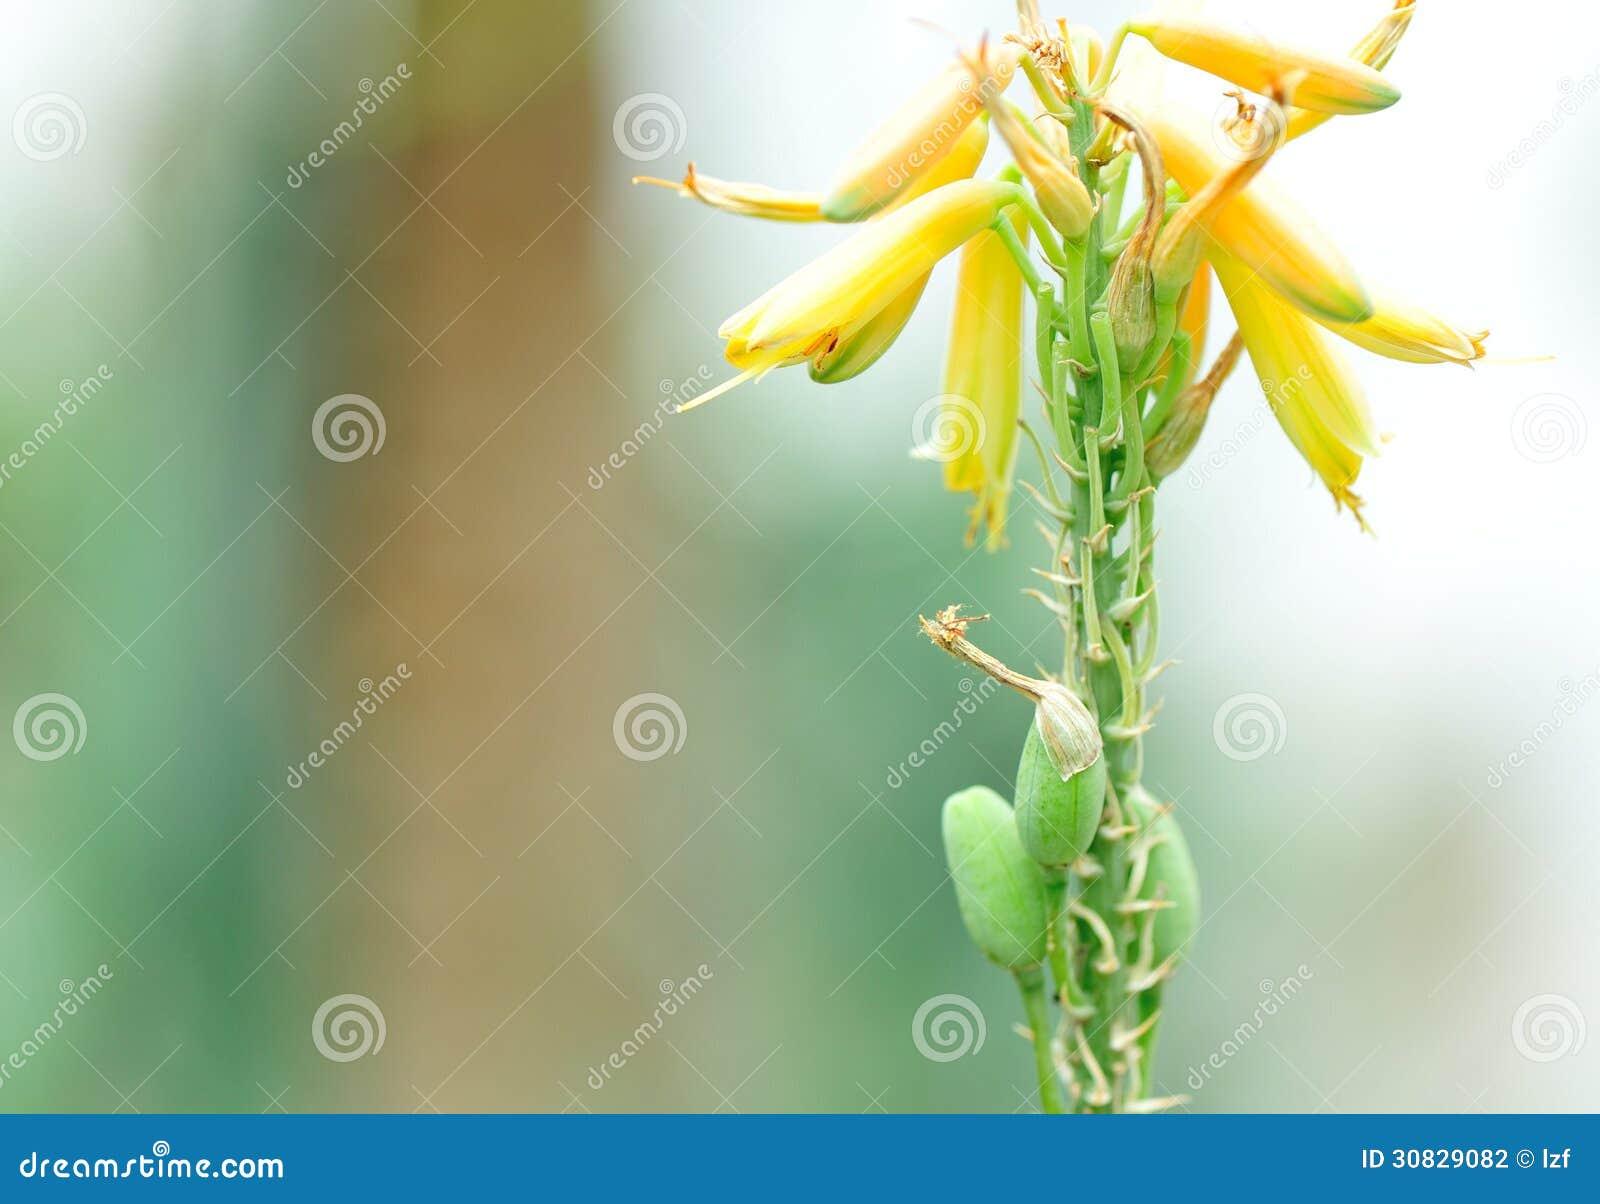 Aloeblume